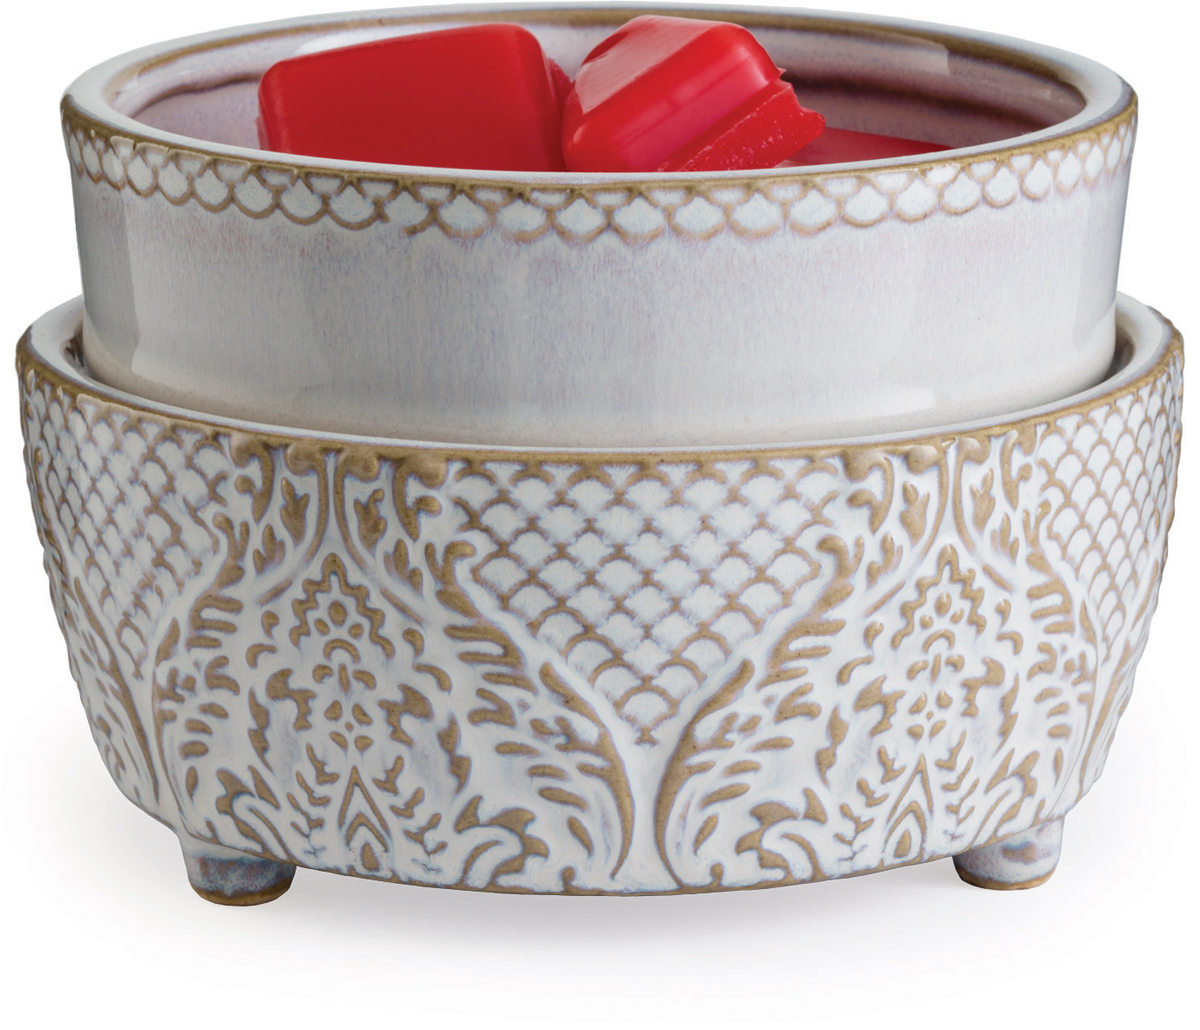 Керамический воскоплав Candle Warmers используйте для декора, а также для ароматизации помещения.  Снимите крышку, и поставить свечу на нагревающий элемент для нагрева и ароматизации.  Либо используйте ароматический воск для ароматизации помещения.  При ослаблении аромата, жидкий воск можно вылить, и свеча зазвучит по новому.  Прекрасно подойдёт для безопасного использования.   Керамический воскоплав белый винтаж: рисунок старинных обоев в глазури и мягкие фестоны объединяются, чтобы сделать ваш любимый аромат ярче и теплее.   Подойдёт диаметр свечи 10 см.   Элегантный домашний декор будет находится всегда в центре внимания каждого интерьера.